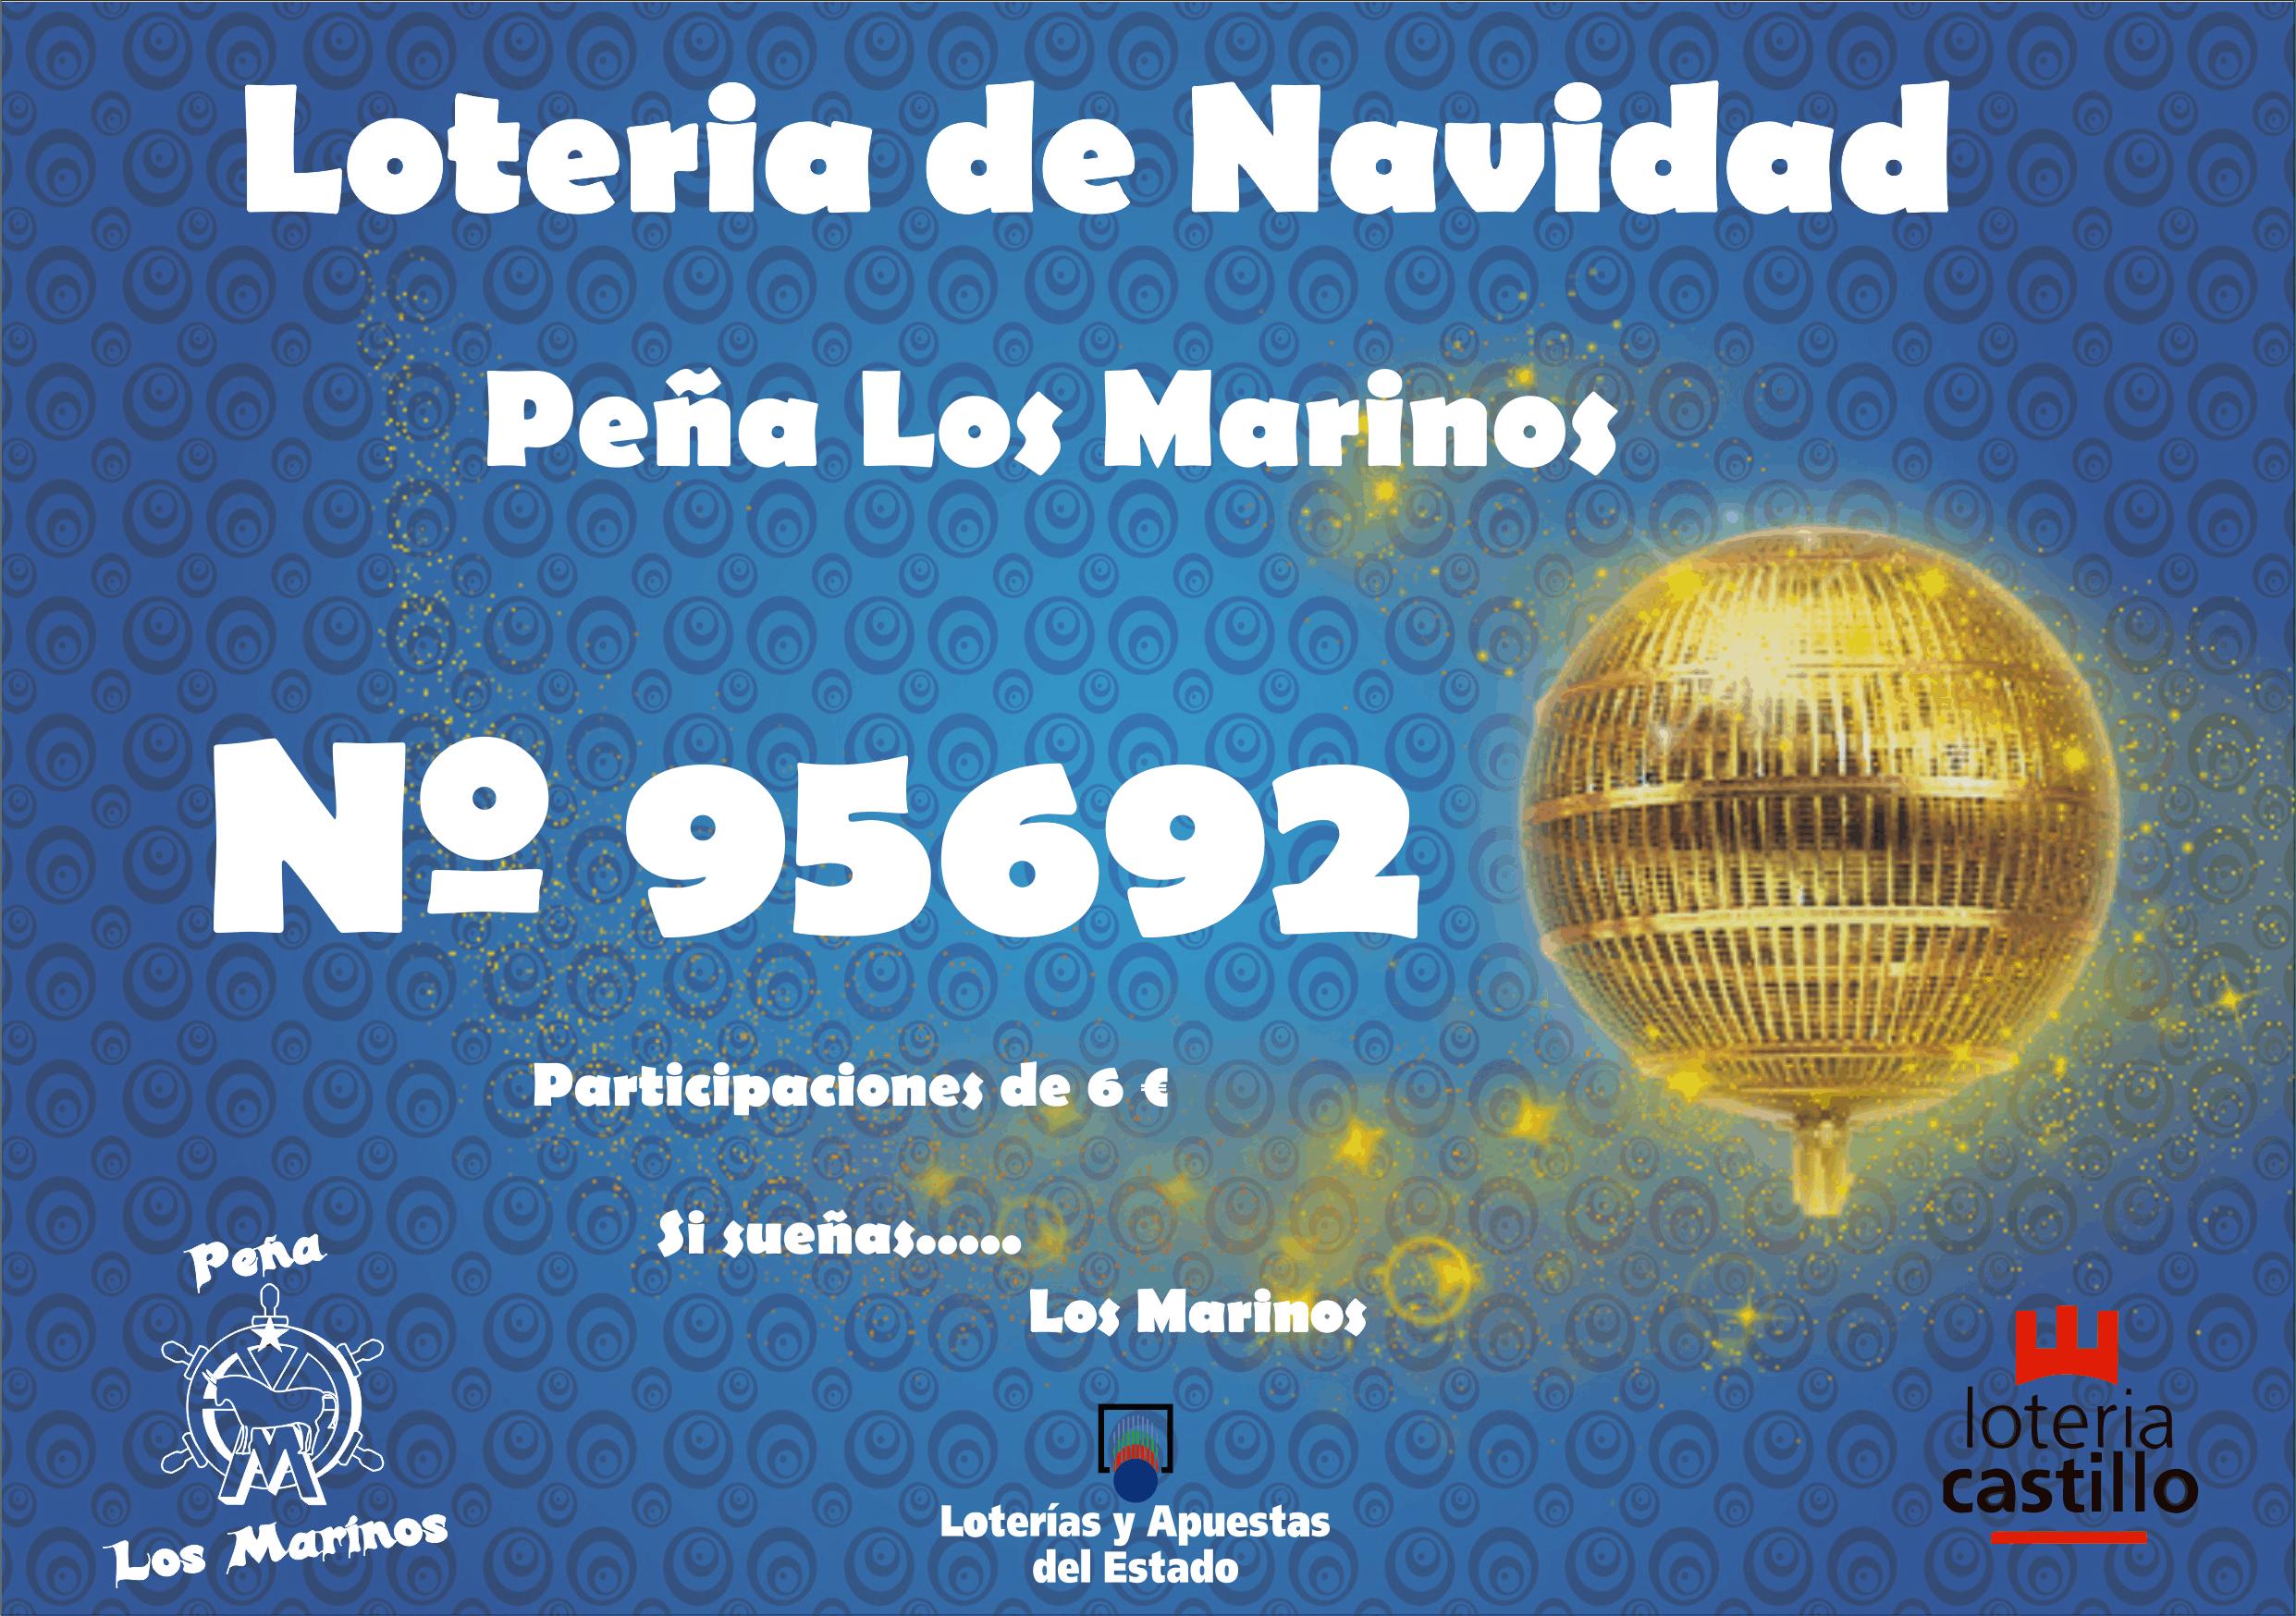 Imagenes Loteria Navidad.Loteria Navidad 2018 Pena Los Marinos De Teruel